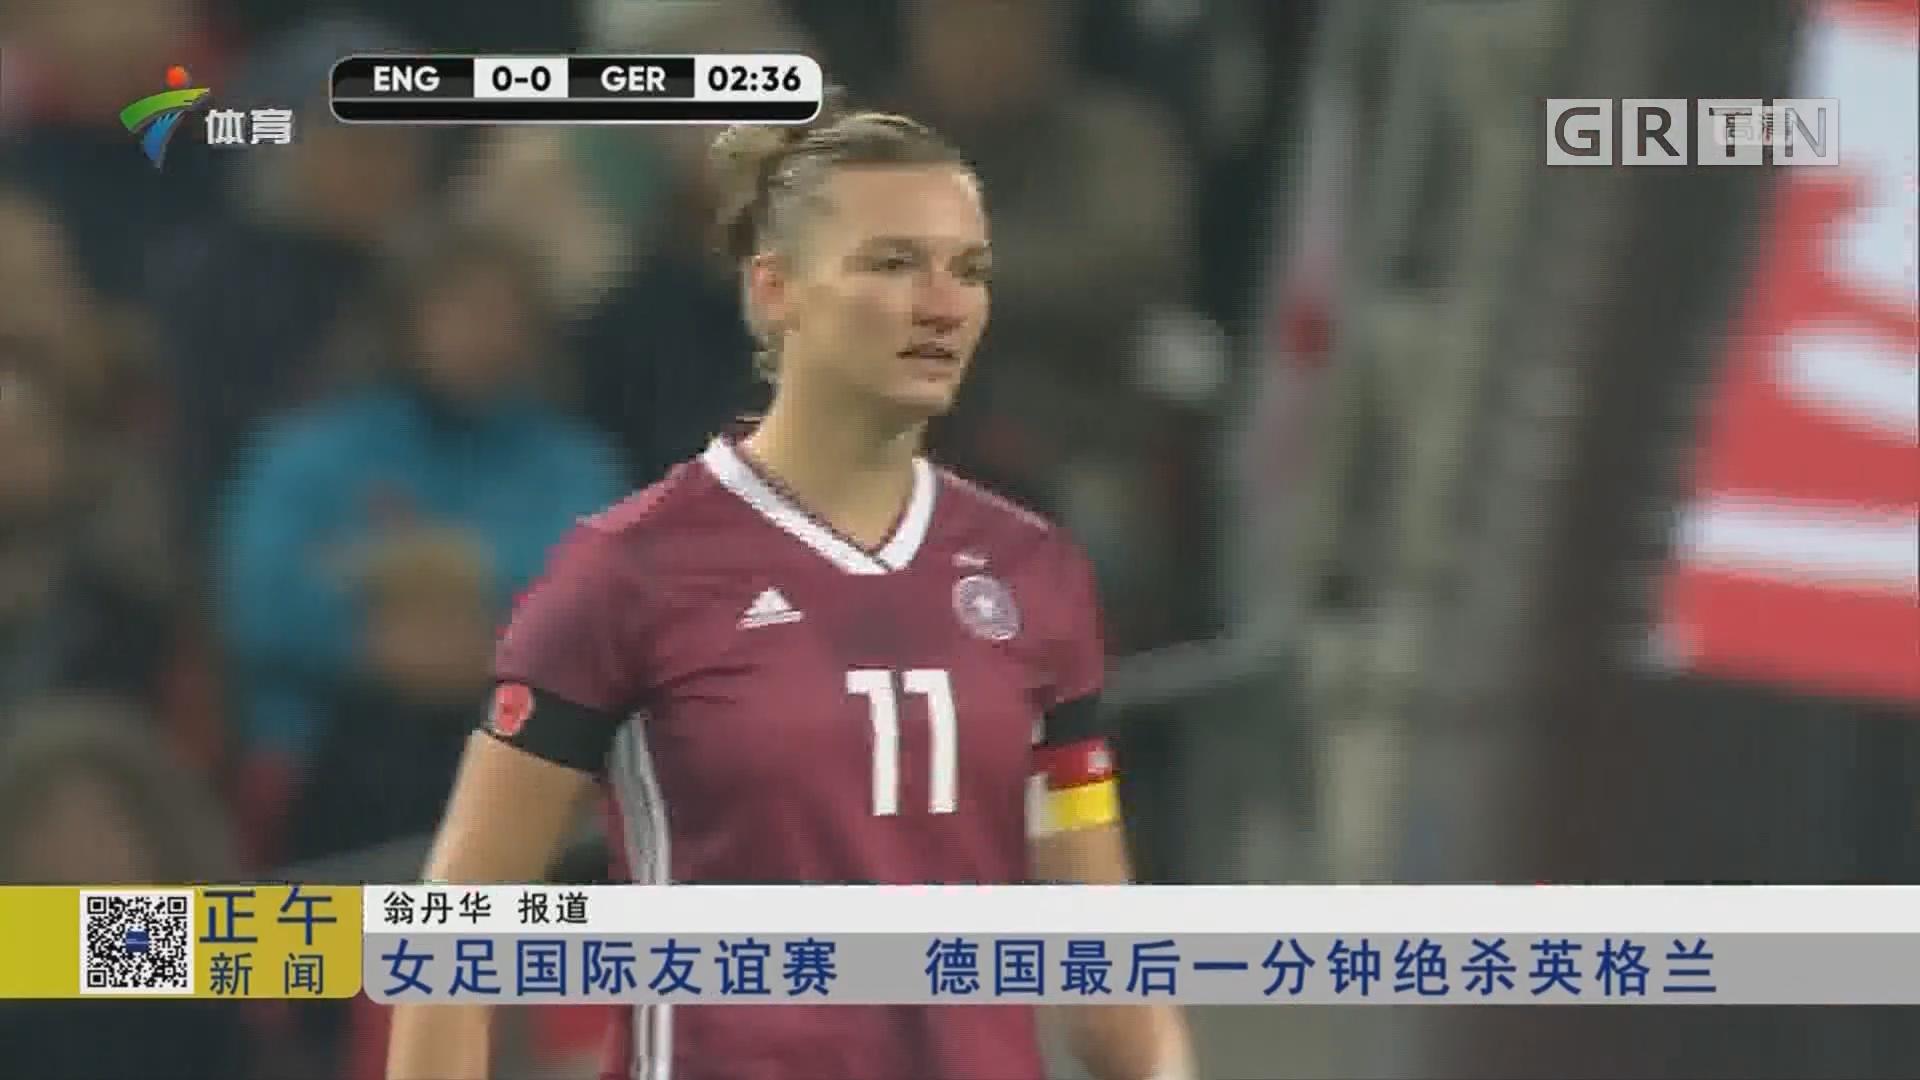 女足国际友谊赛 德国最后一分钟绝杀英格兰